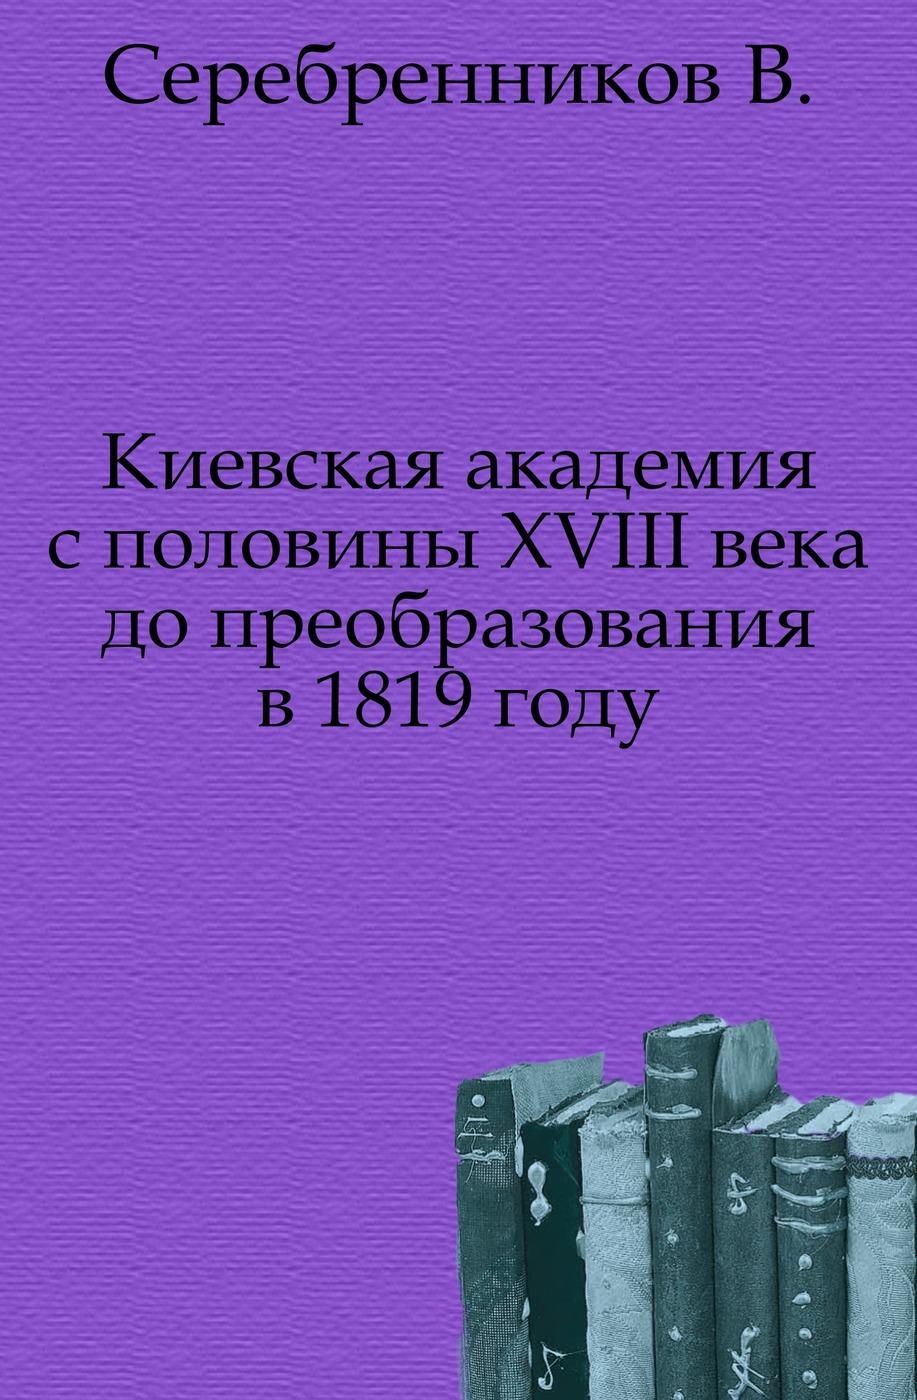 Киевская академия с половины XVIII века до преобразования в 1819 году